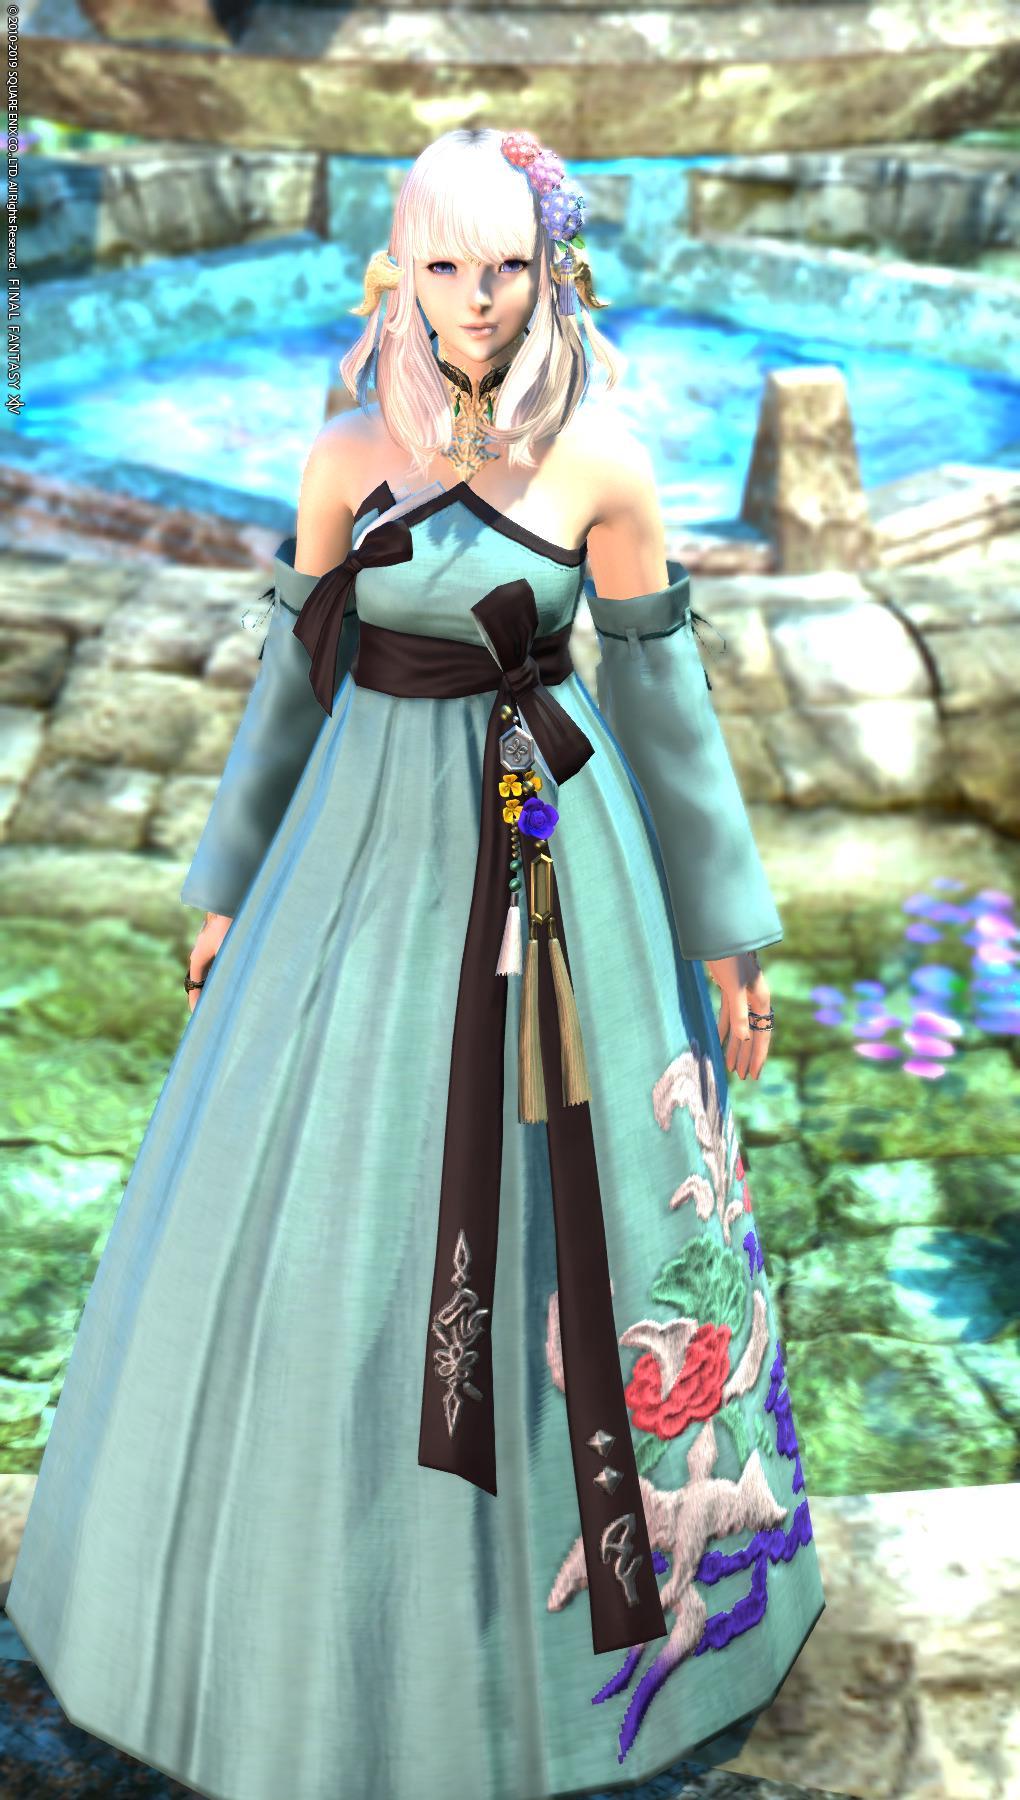 ハイドレインジアの姫君